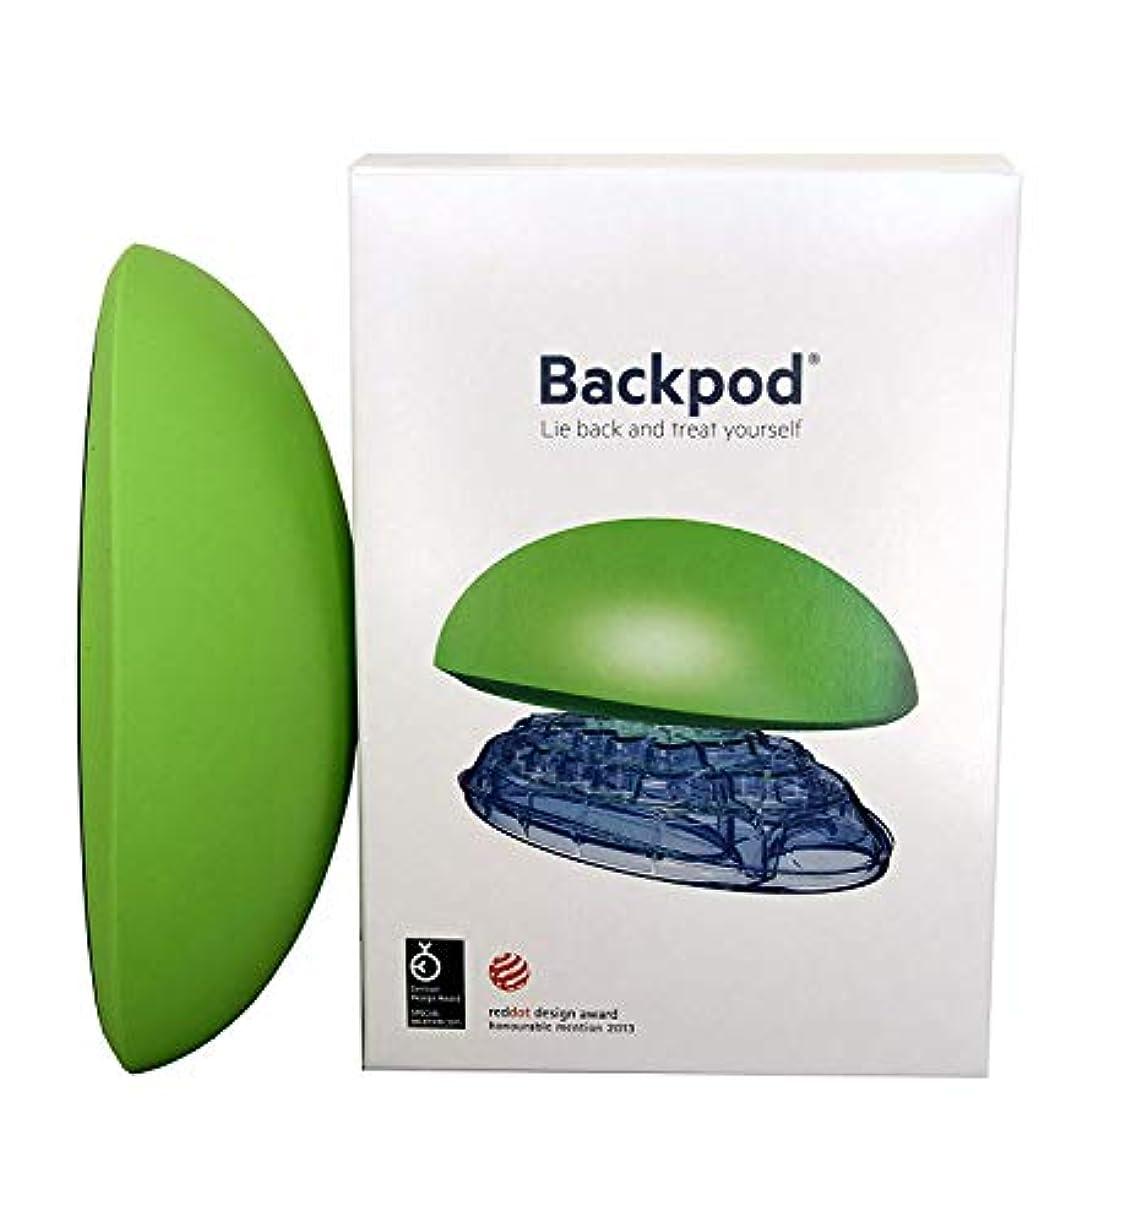 痴漢コース構造Backpod ― Backpodは、頸部痛、上背部の痛み、頭痛のための高質なトリートメントです。これらの痛みは、スマートフォンやコンピュータを猫背になって使用していることで起こります。また、Backpodは、肋軟骨炎、ティーツェ症候群、喘息持ちの方、理想的な姿勢になりたい方にもおすすめです。